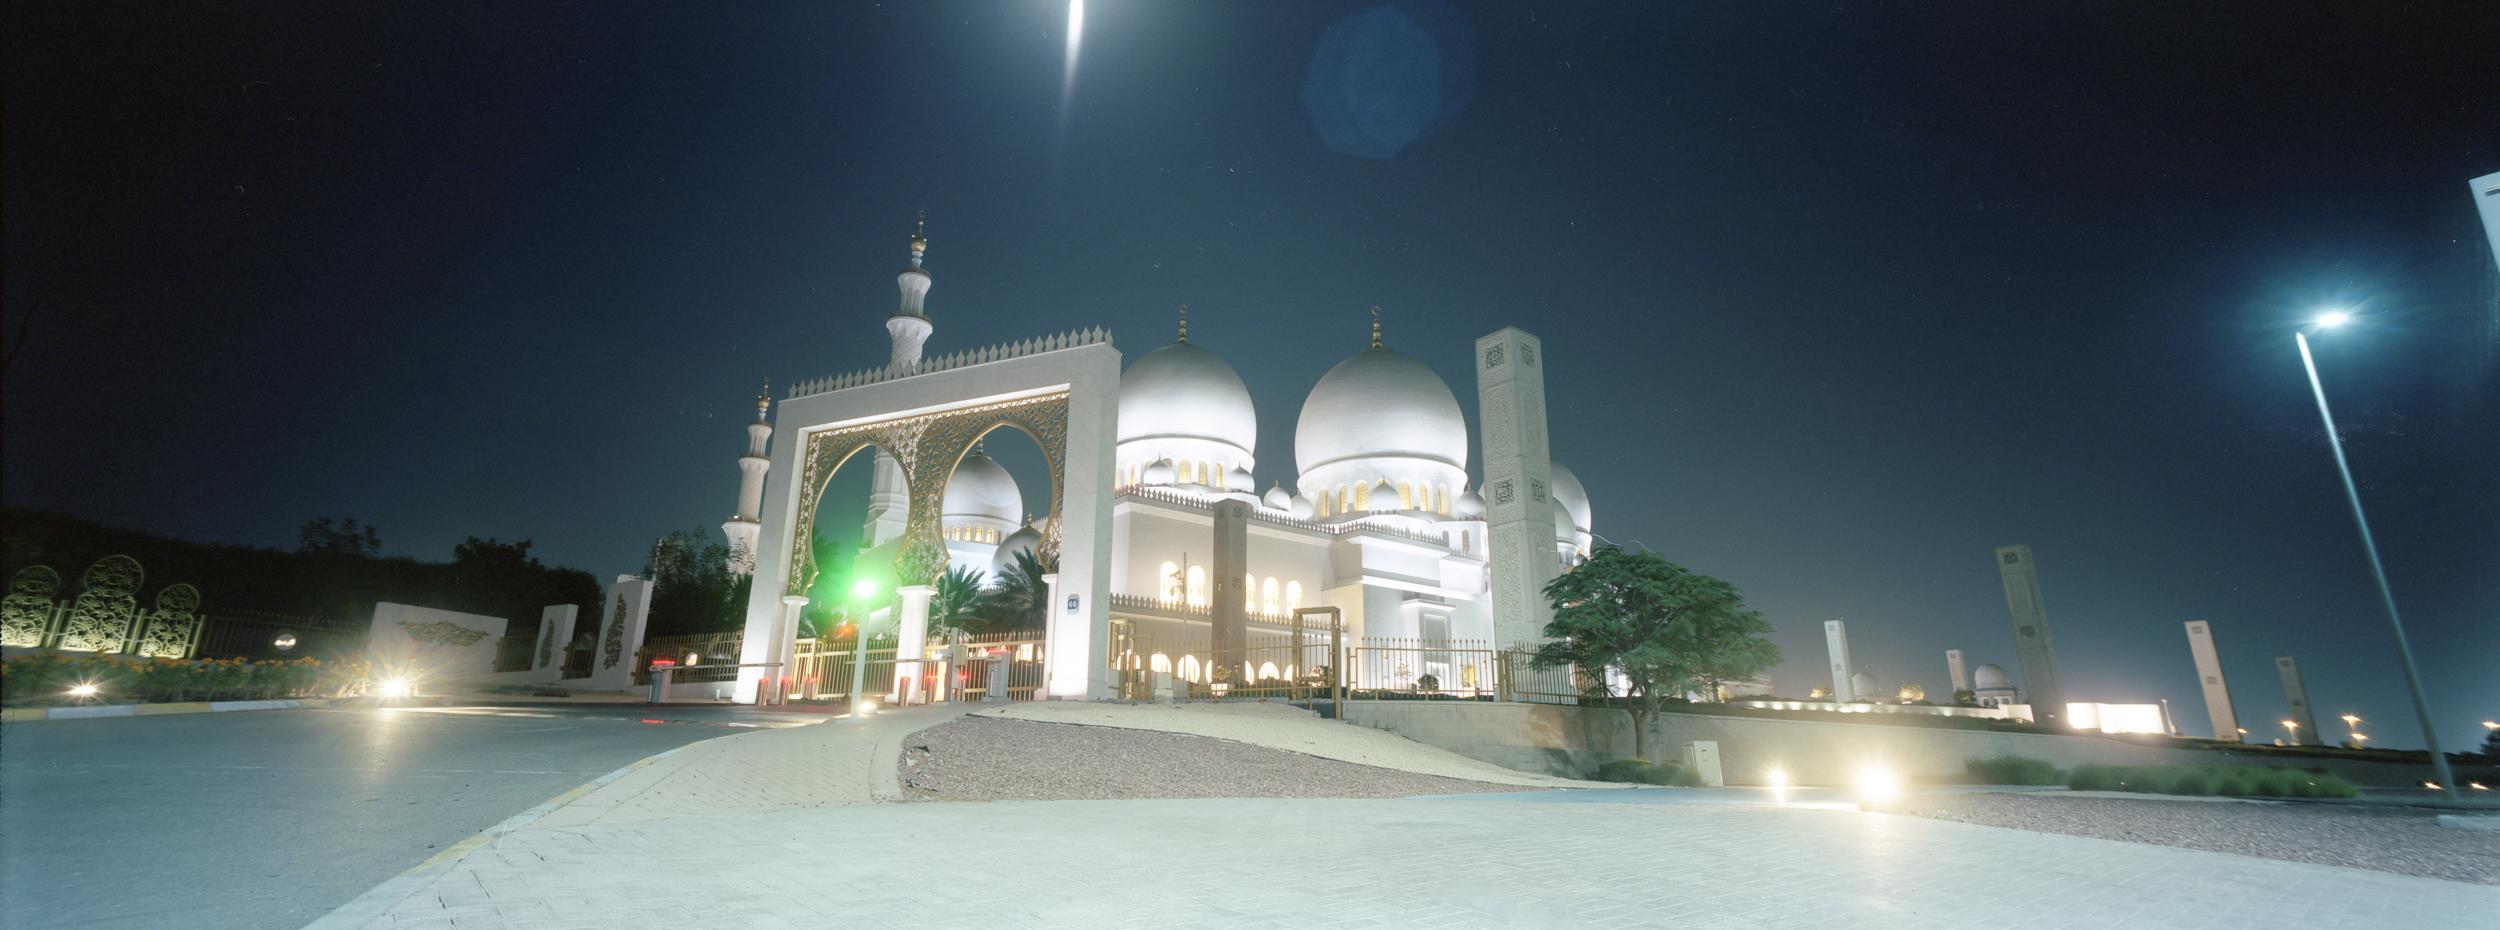 Sheik Zayed Mosque | K6x15VX | Portra 400